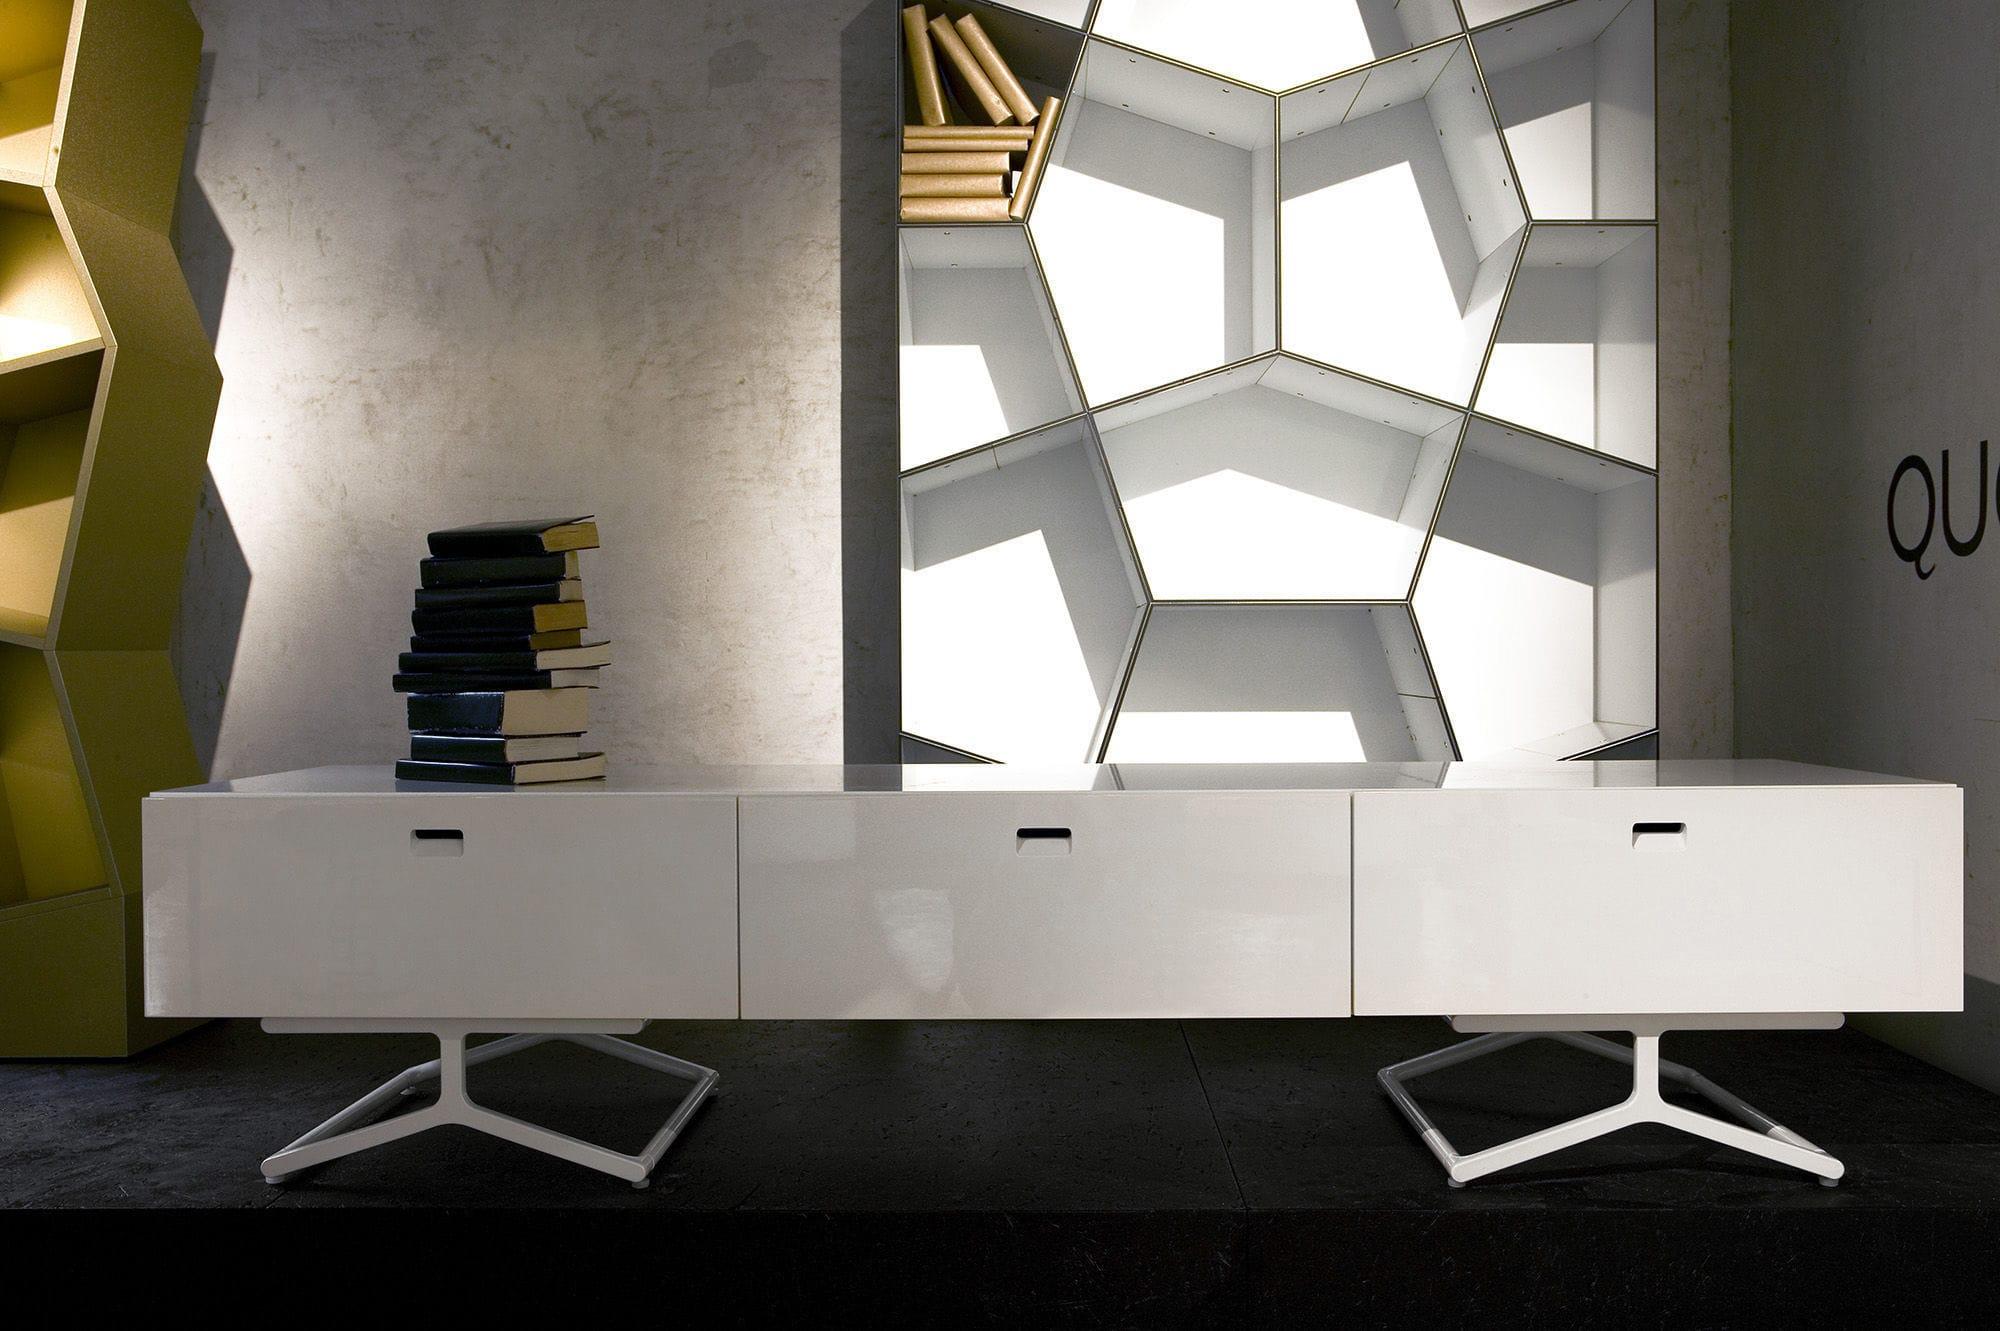 Meuble De T L Vision Contemporain Design Minimaliste Hi Fi  # Meubles Derangement Tele Minimaliste